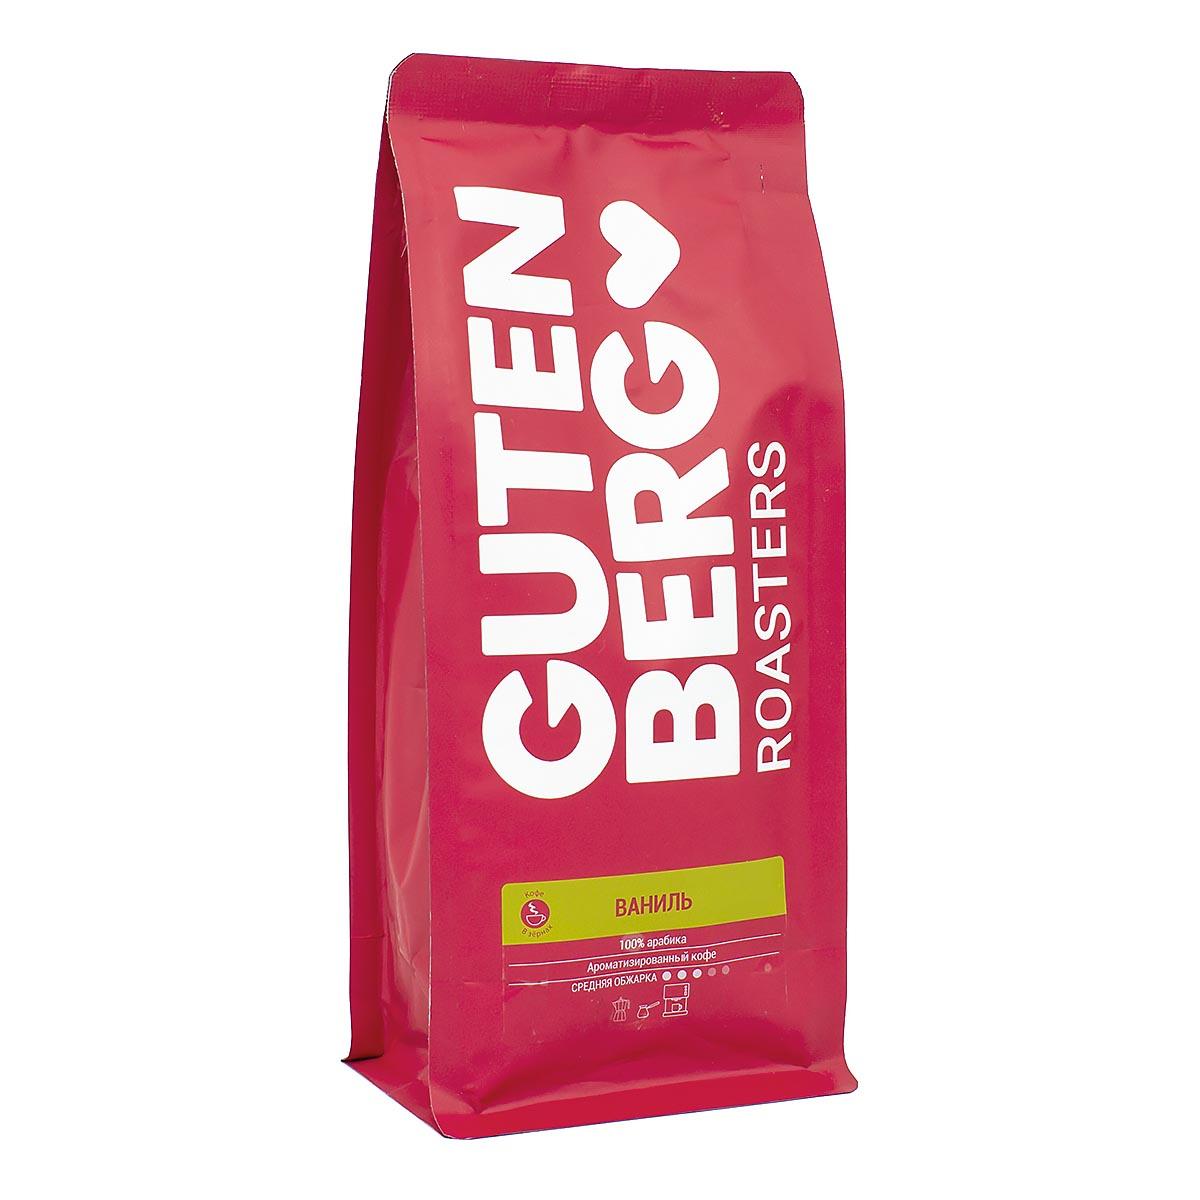 Кофе в зернах ароматизированный Ваниль, уп. 250 г кофе в зернах 8009785102710